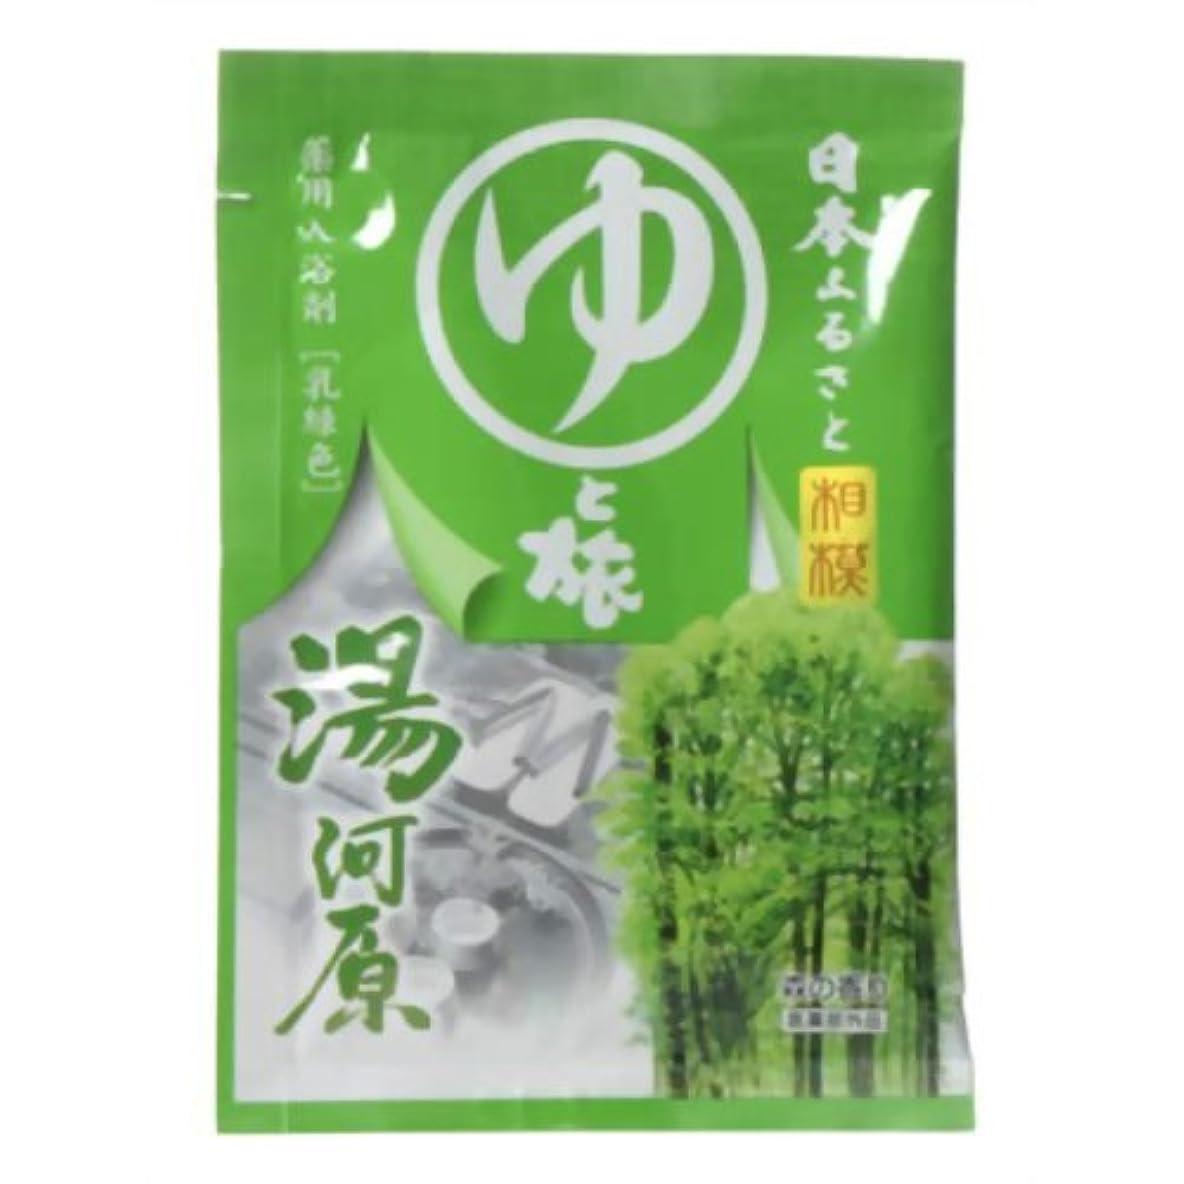 台無しに集まるシニスヤマサキの入浴剤シリーズ 湯河原(入浴剤)